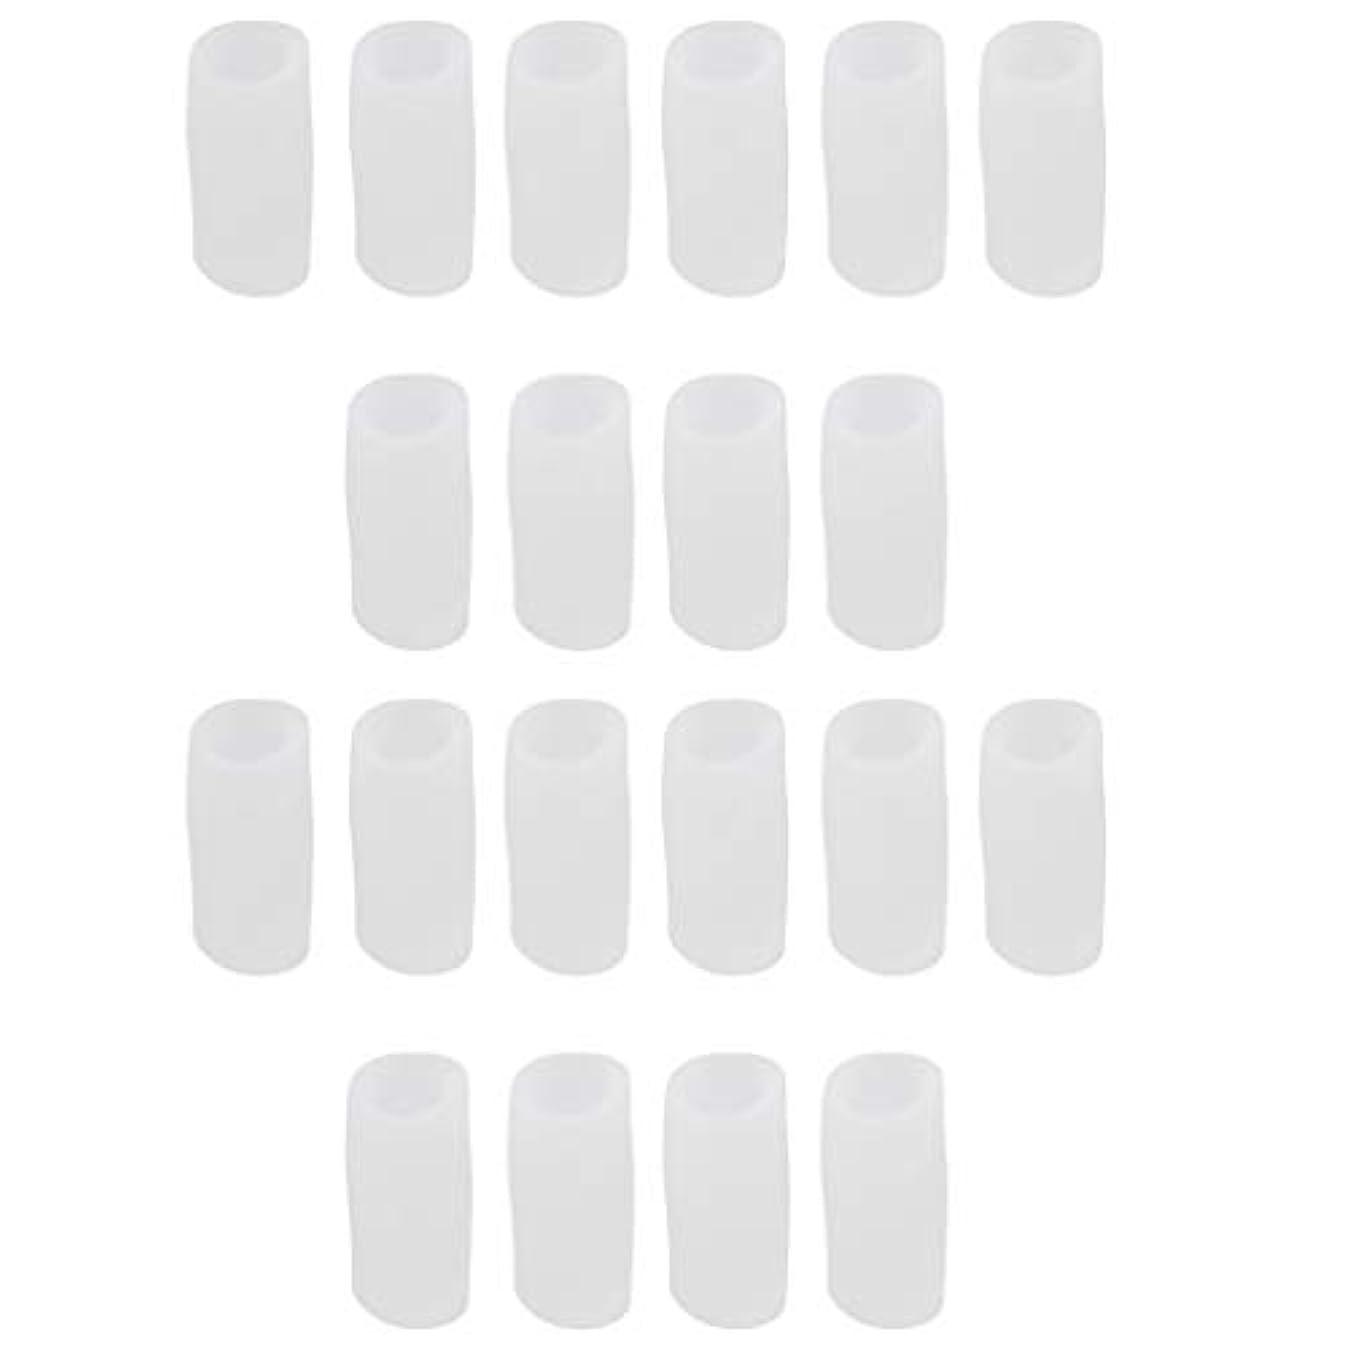 アルファベット建築くぼみ足指保護キャップ つま先プロテクター 洗える 便利 約20個セット 全2サイズ - S